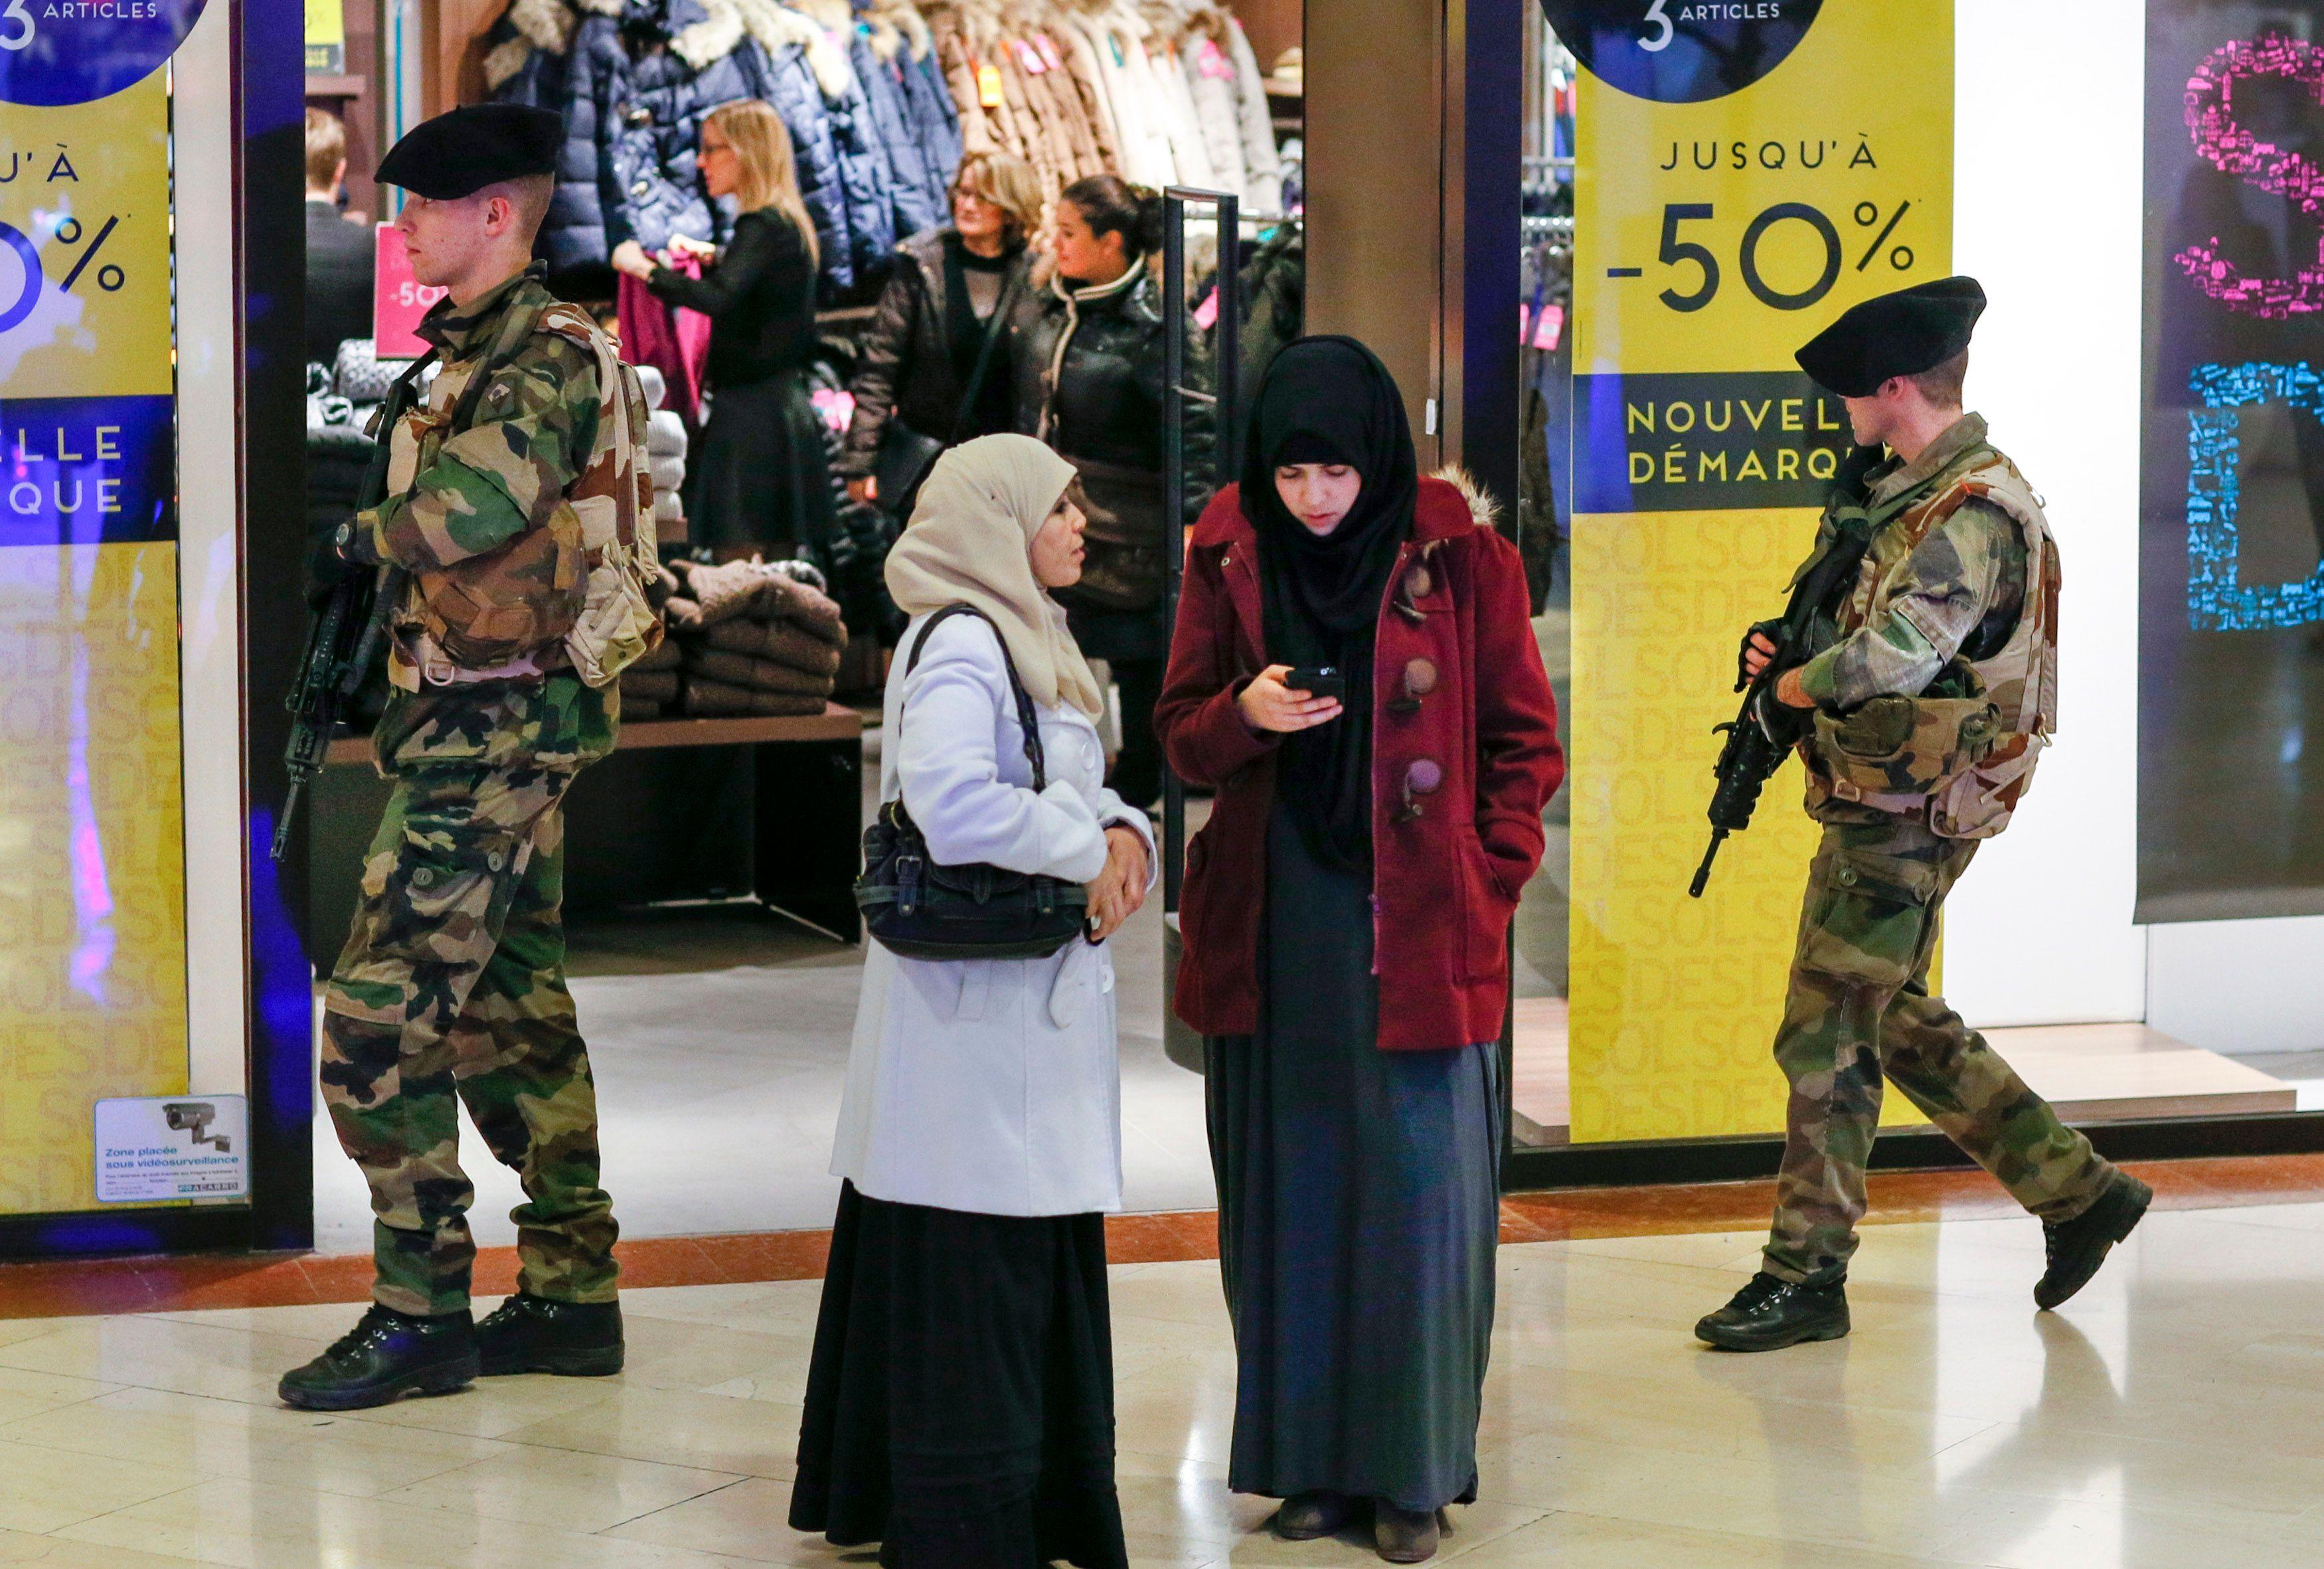 L'Observatoire national contre l'islamophobie, instance membre du Conseil français du culte musulman, a recensé 116 actes antimusulmans en France depuis les attentats.